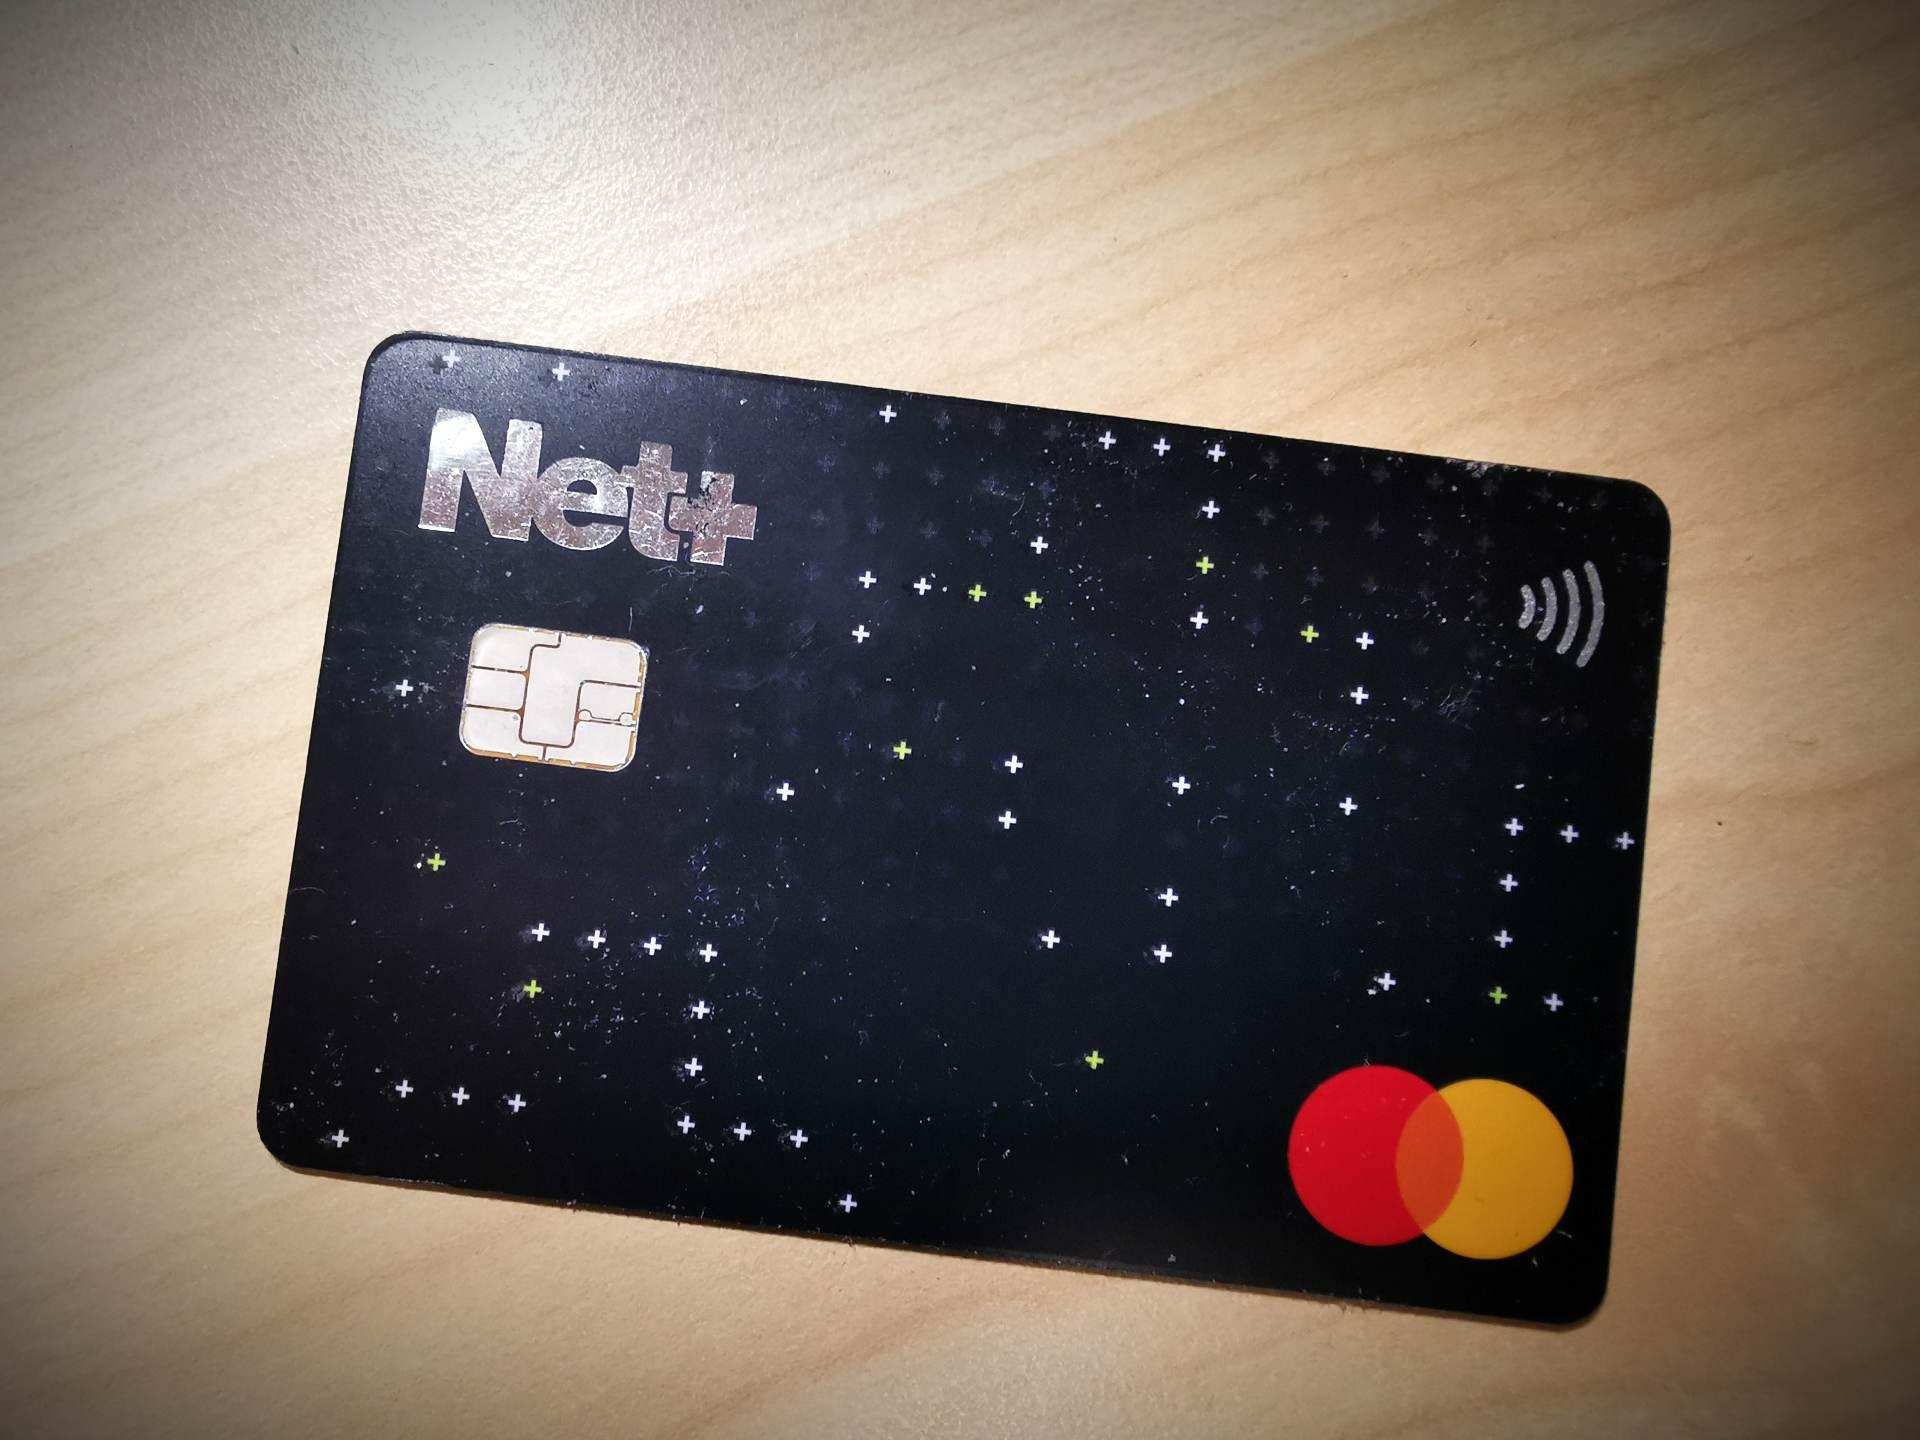 Erfahrungen mit der Neteller Prepaid Mastercard